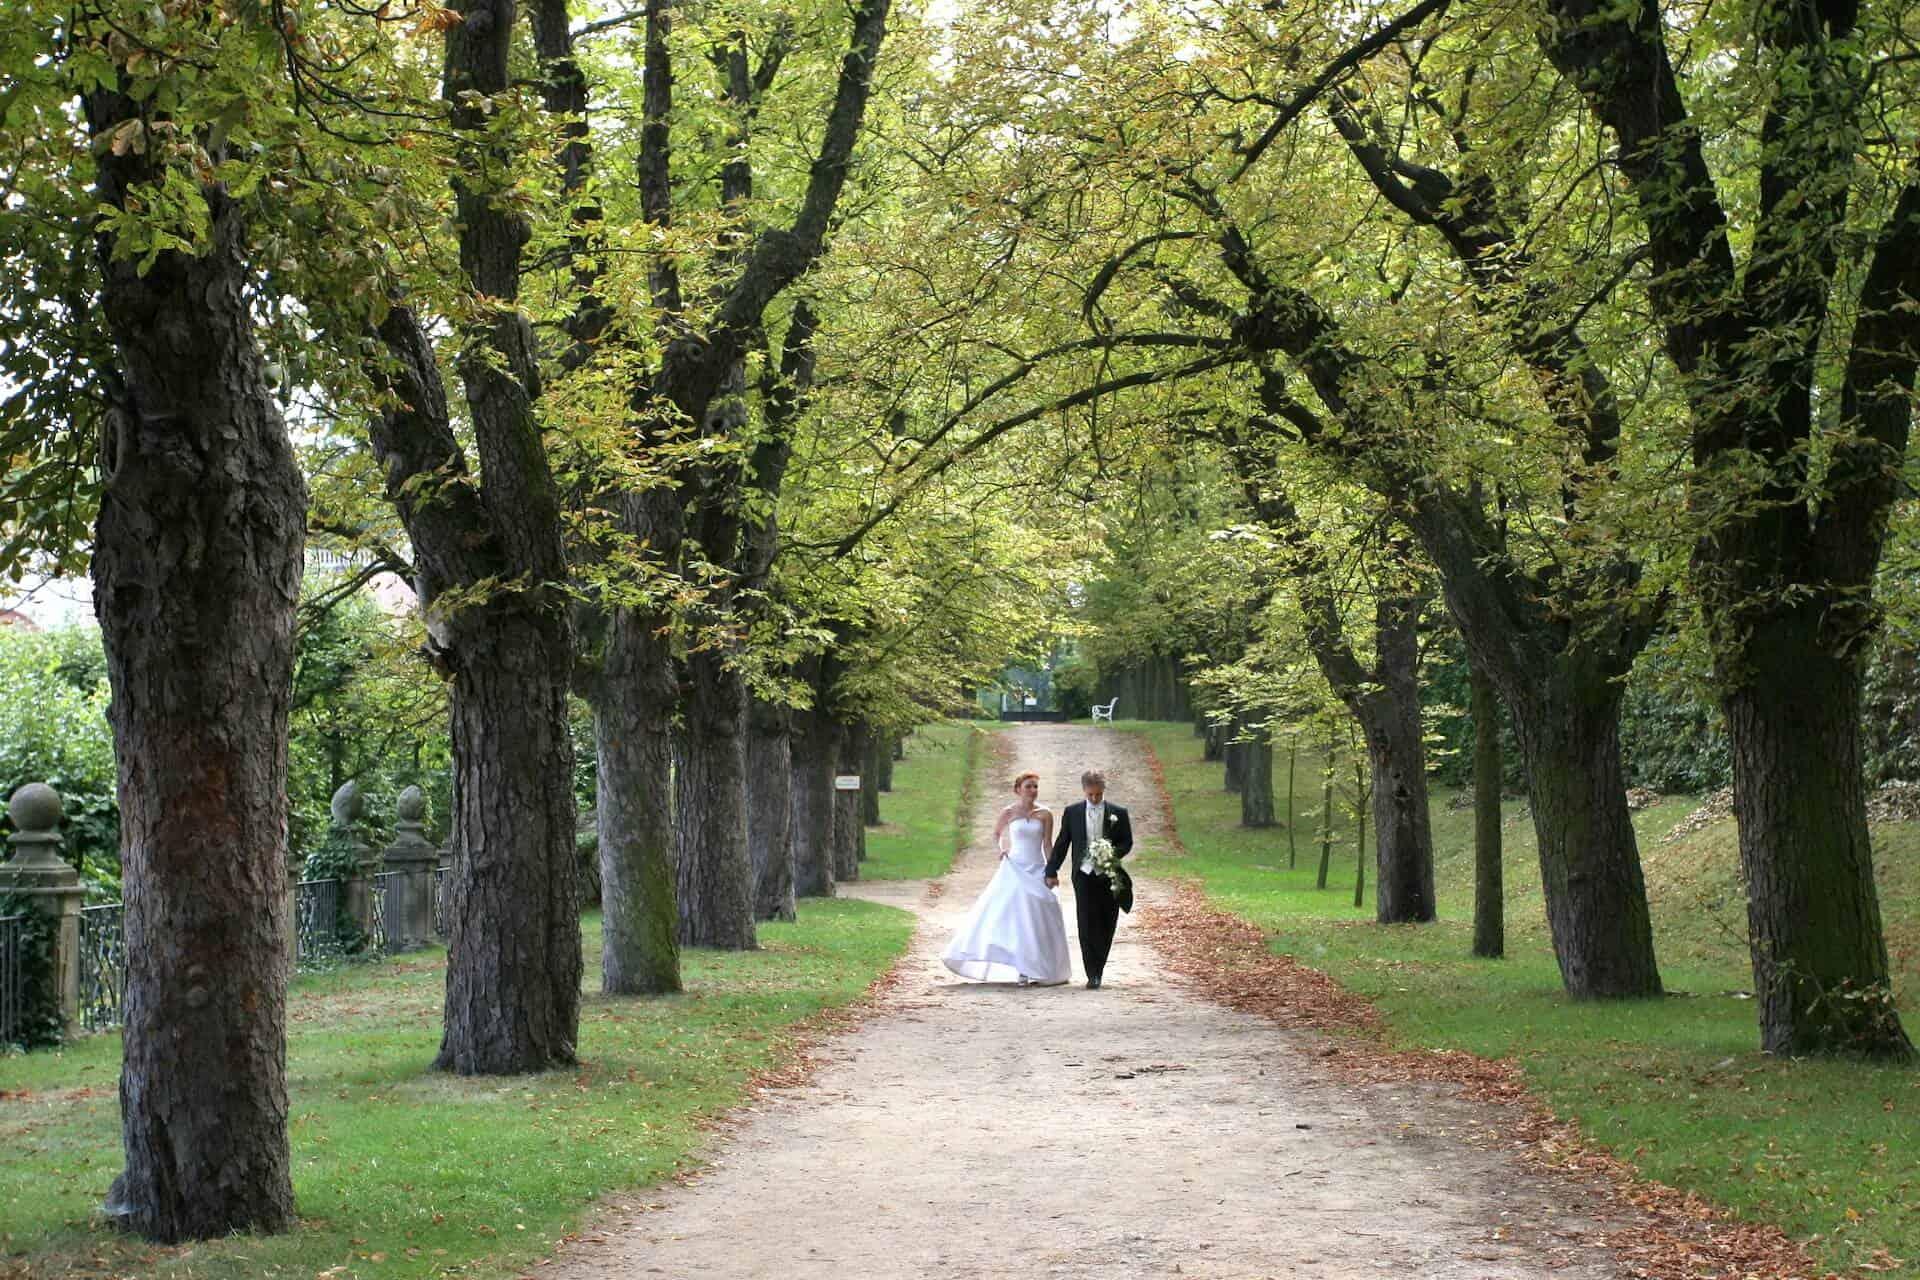 Svatba Havlíkovi - ve francouzském parku jsme se procházeli dlouho